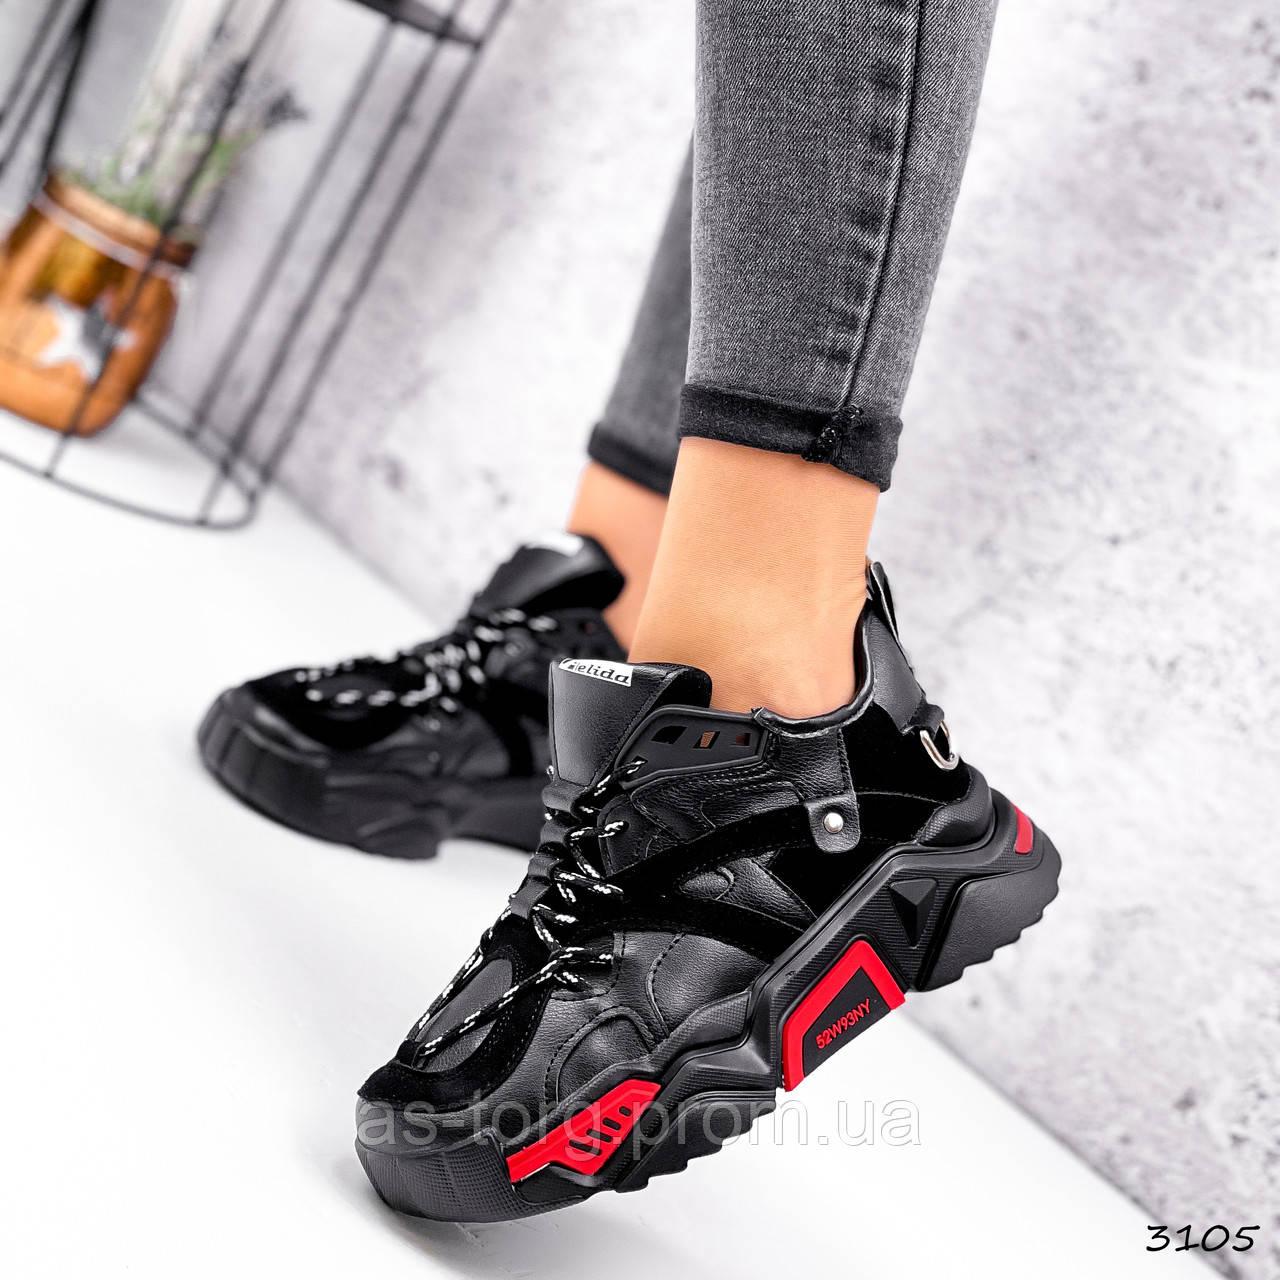 Кроссовки женские Ella черные + красный 3105